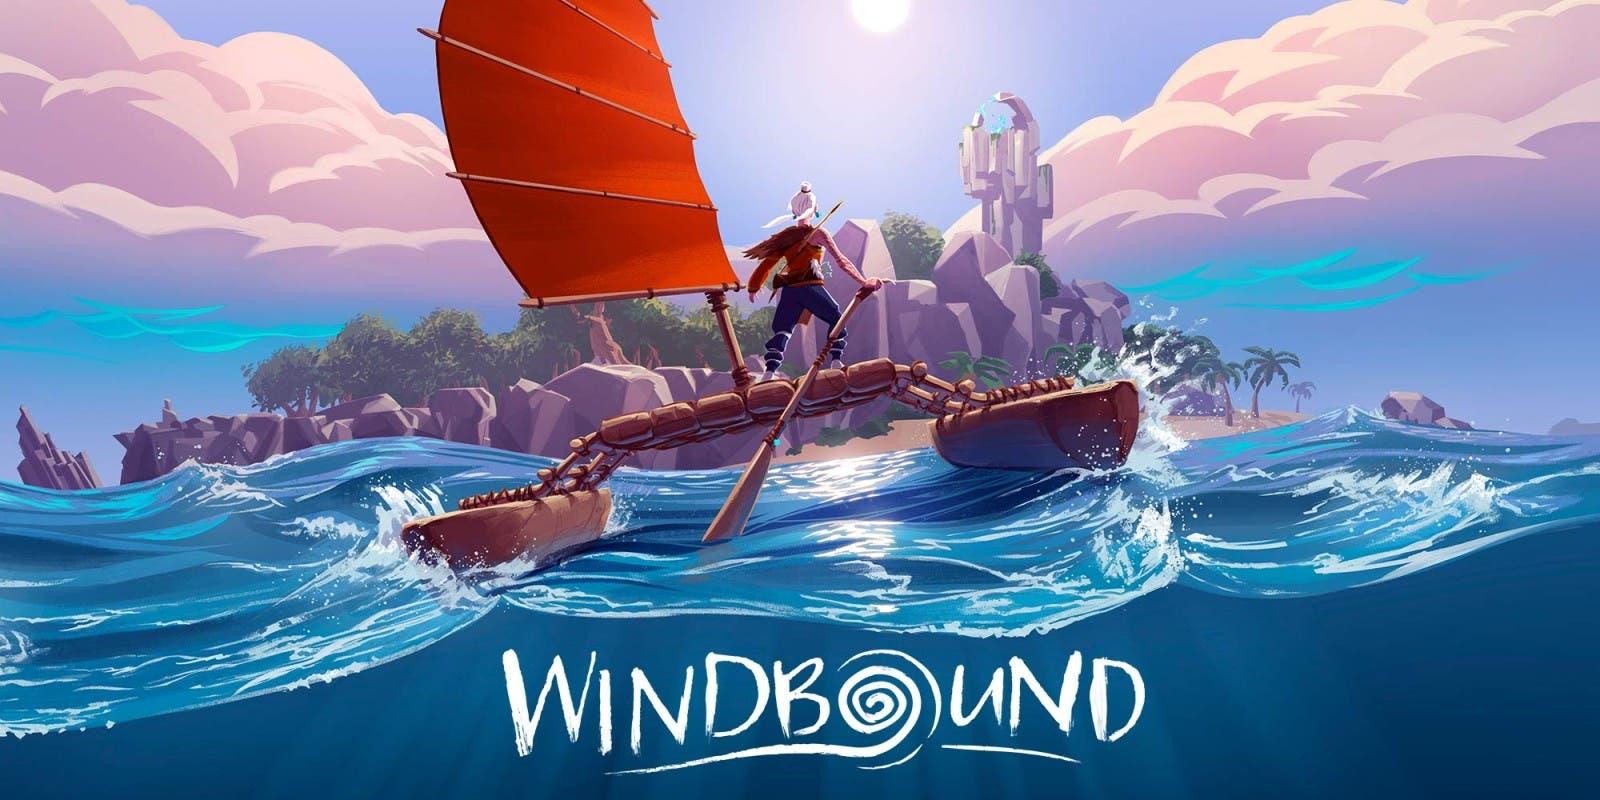 Windbound image1600w